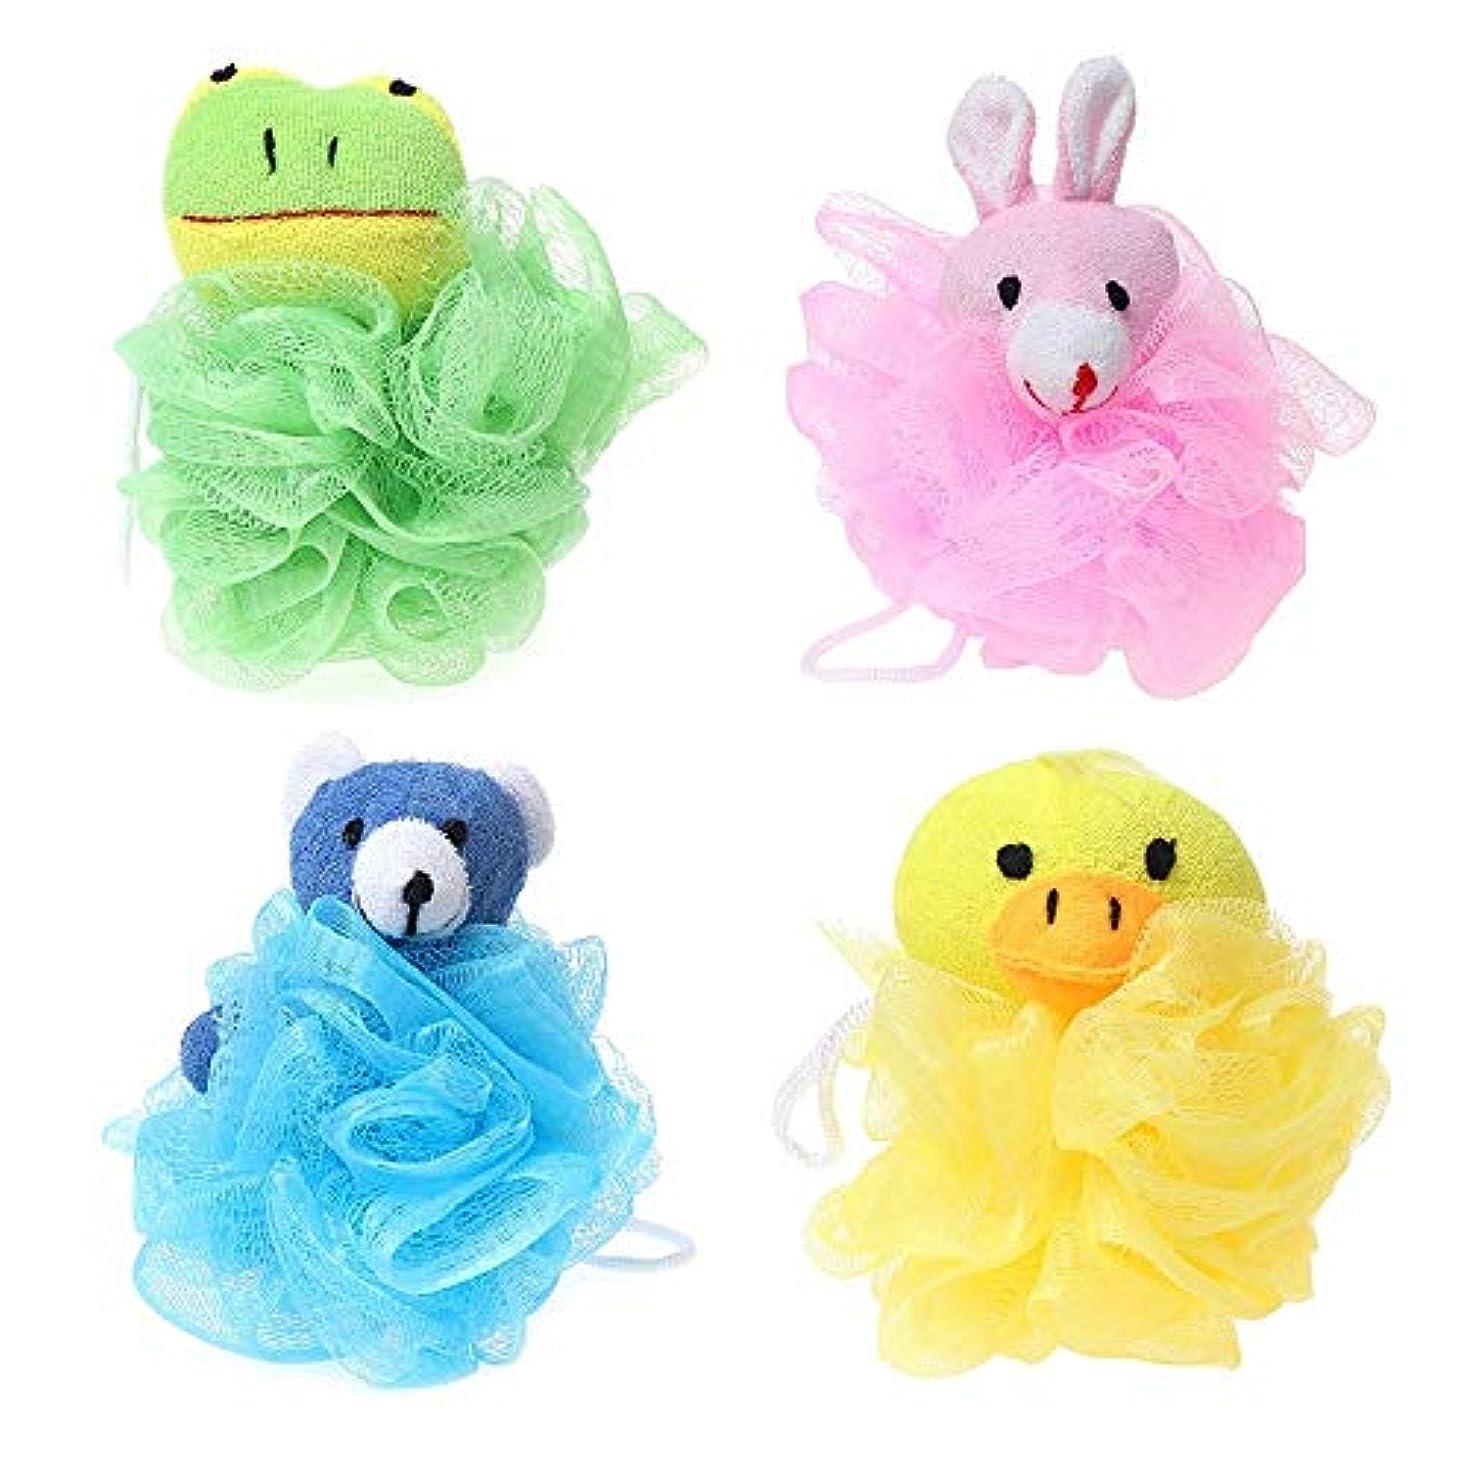 無秩序バッグ朝の体操をするGaoominy 子供用おもちゃクッションパフメッシュぬいぐるみ付き(4パック)カエル、アヒル、ウサギ、クマ